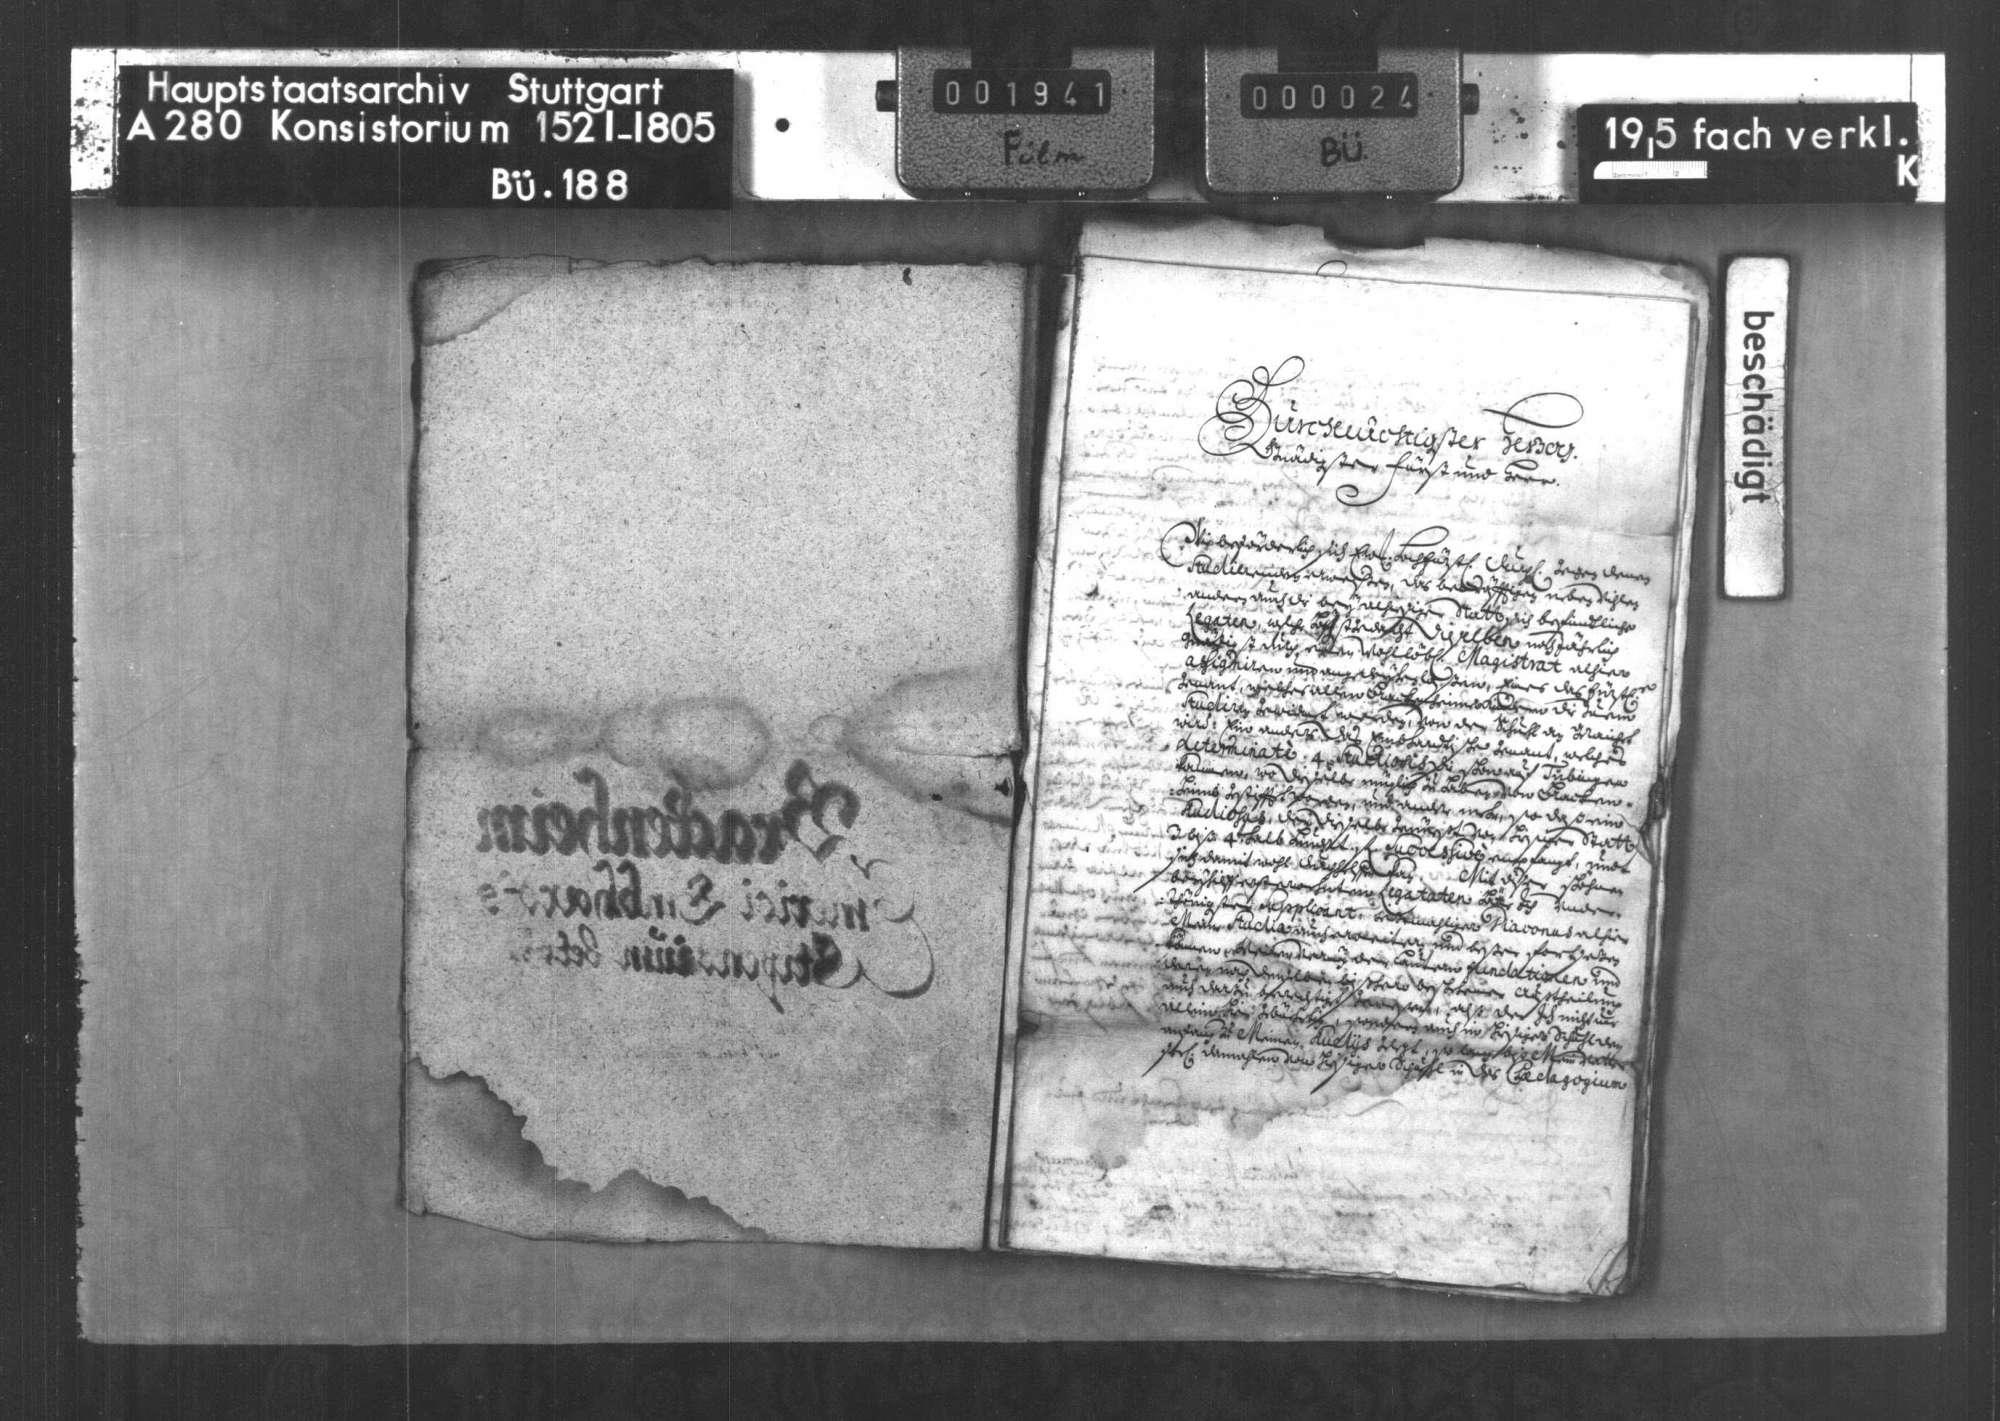 Die Stiftung des Priesters Emerikus Emhardt von Brackenheim zum Studium von 4 Bürgersöhnen von Brackenheim und Hausen auf der Universität Tübingen, Bild 3